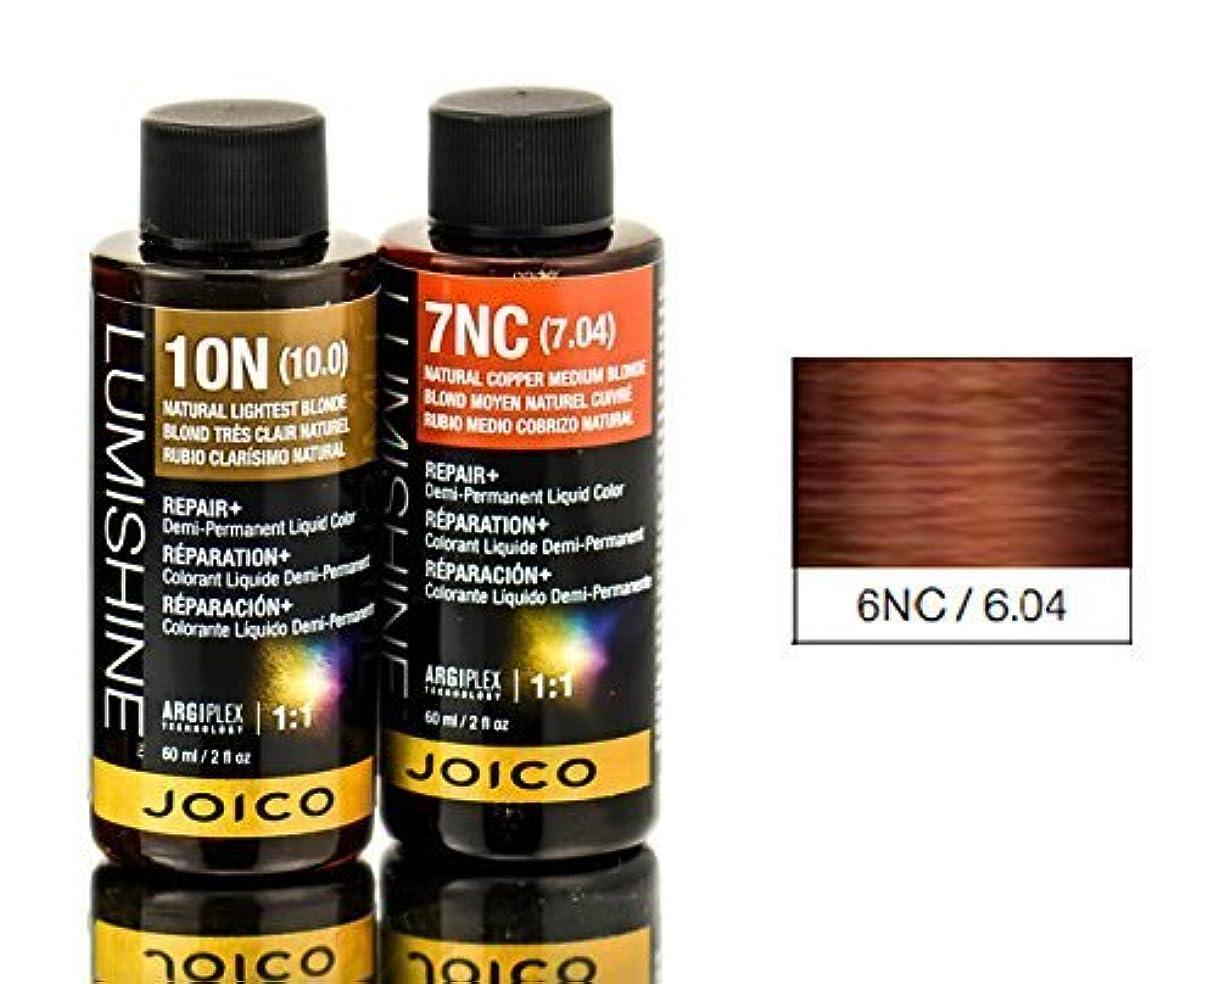 苦行過度の類推Joico Lumishineデミパーマネント液体色、6nc / 6.04、 2オンス